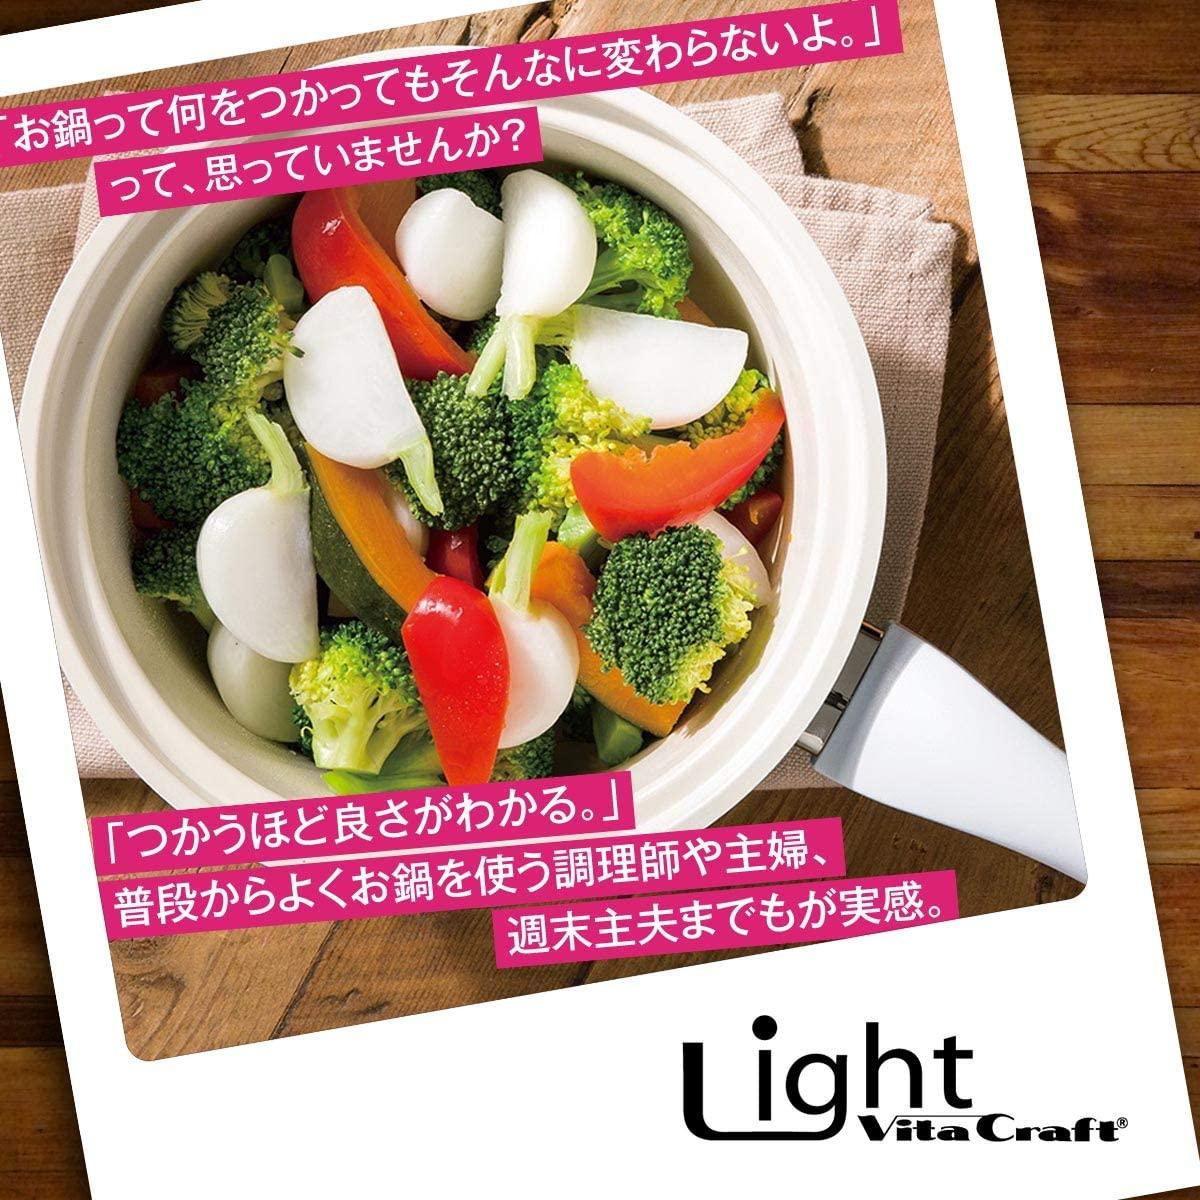 Vita Craft(ビタクラフト) ライト 片手鍋の商品画像2